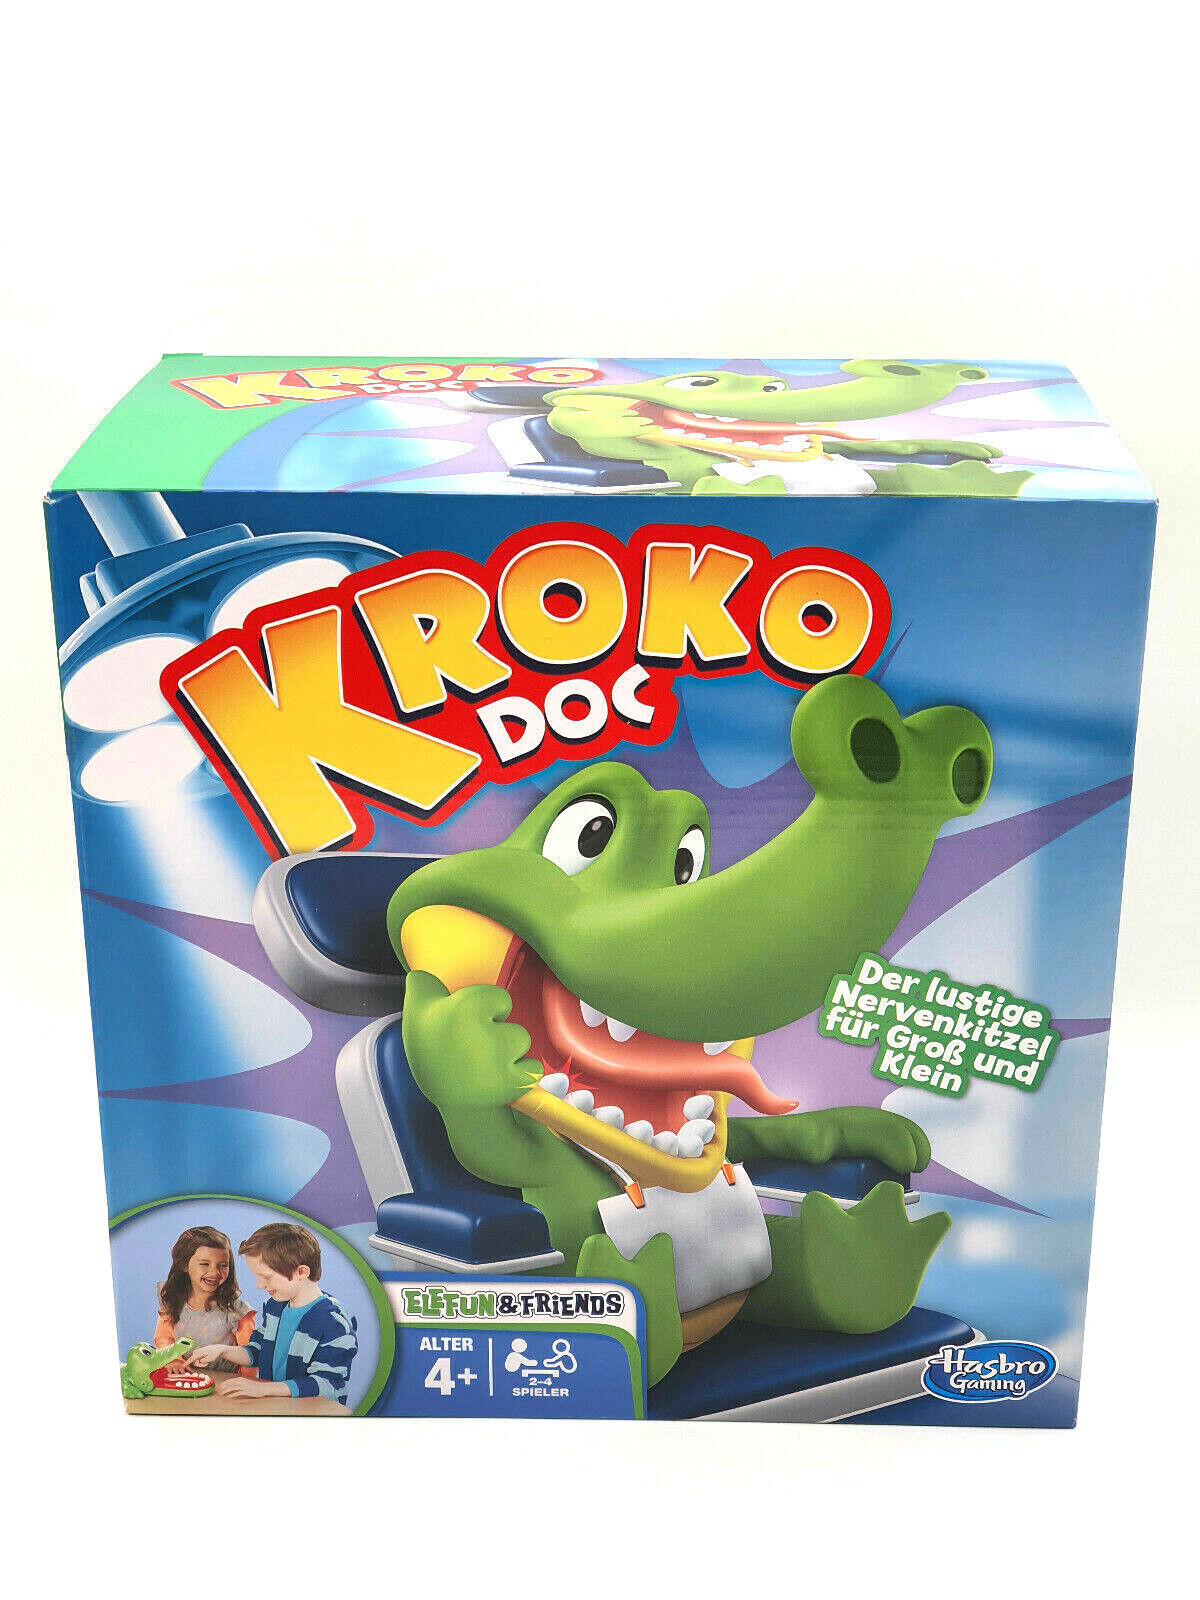 HASBRO Spiel - KROKO DOC Kinderspiel Lernspiel Gesellschaftsspiel